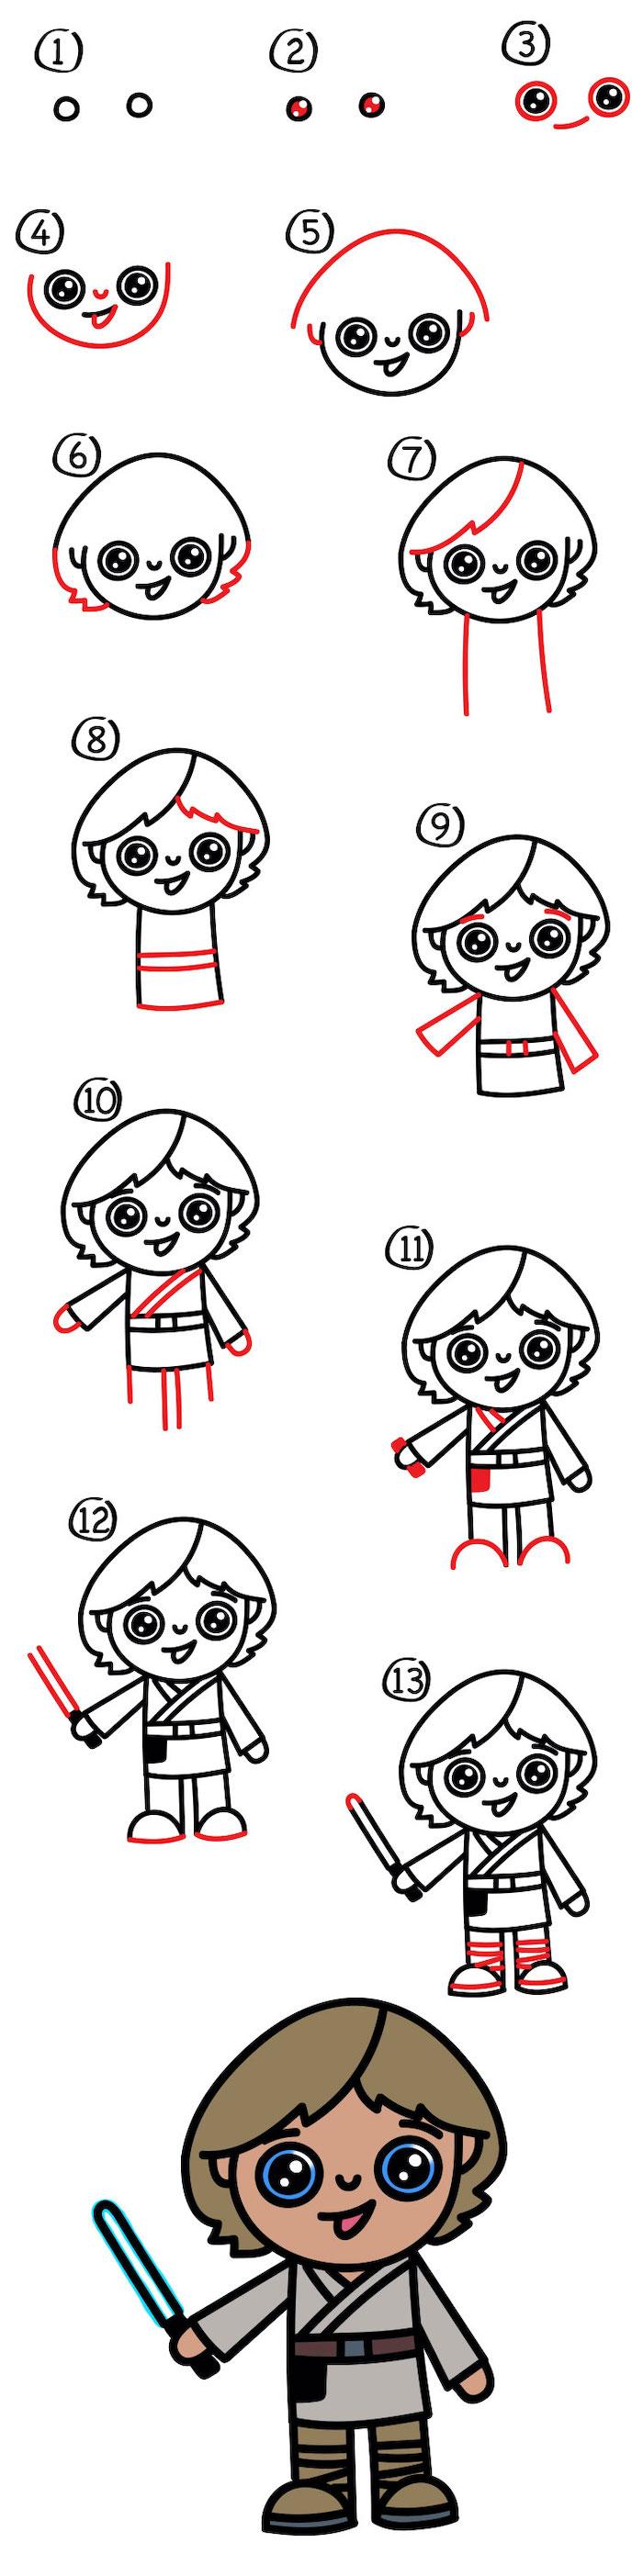 how to draw luke skywalker in thirteen steps, star wars character, easy drawing tutorials, step by step diy tutorial